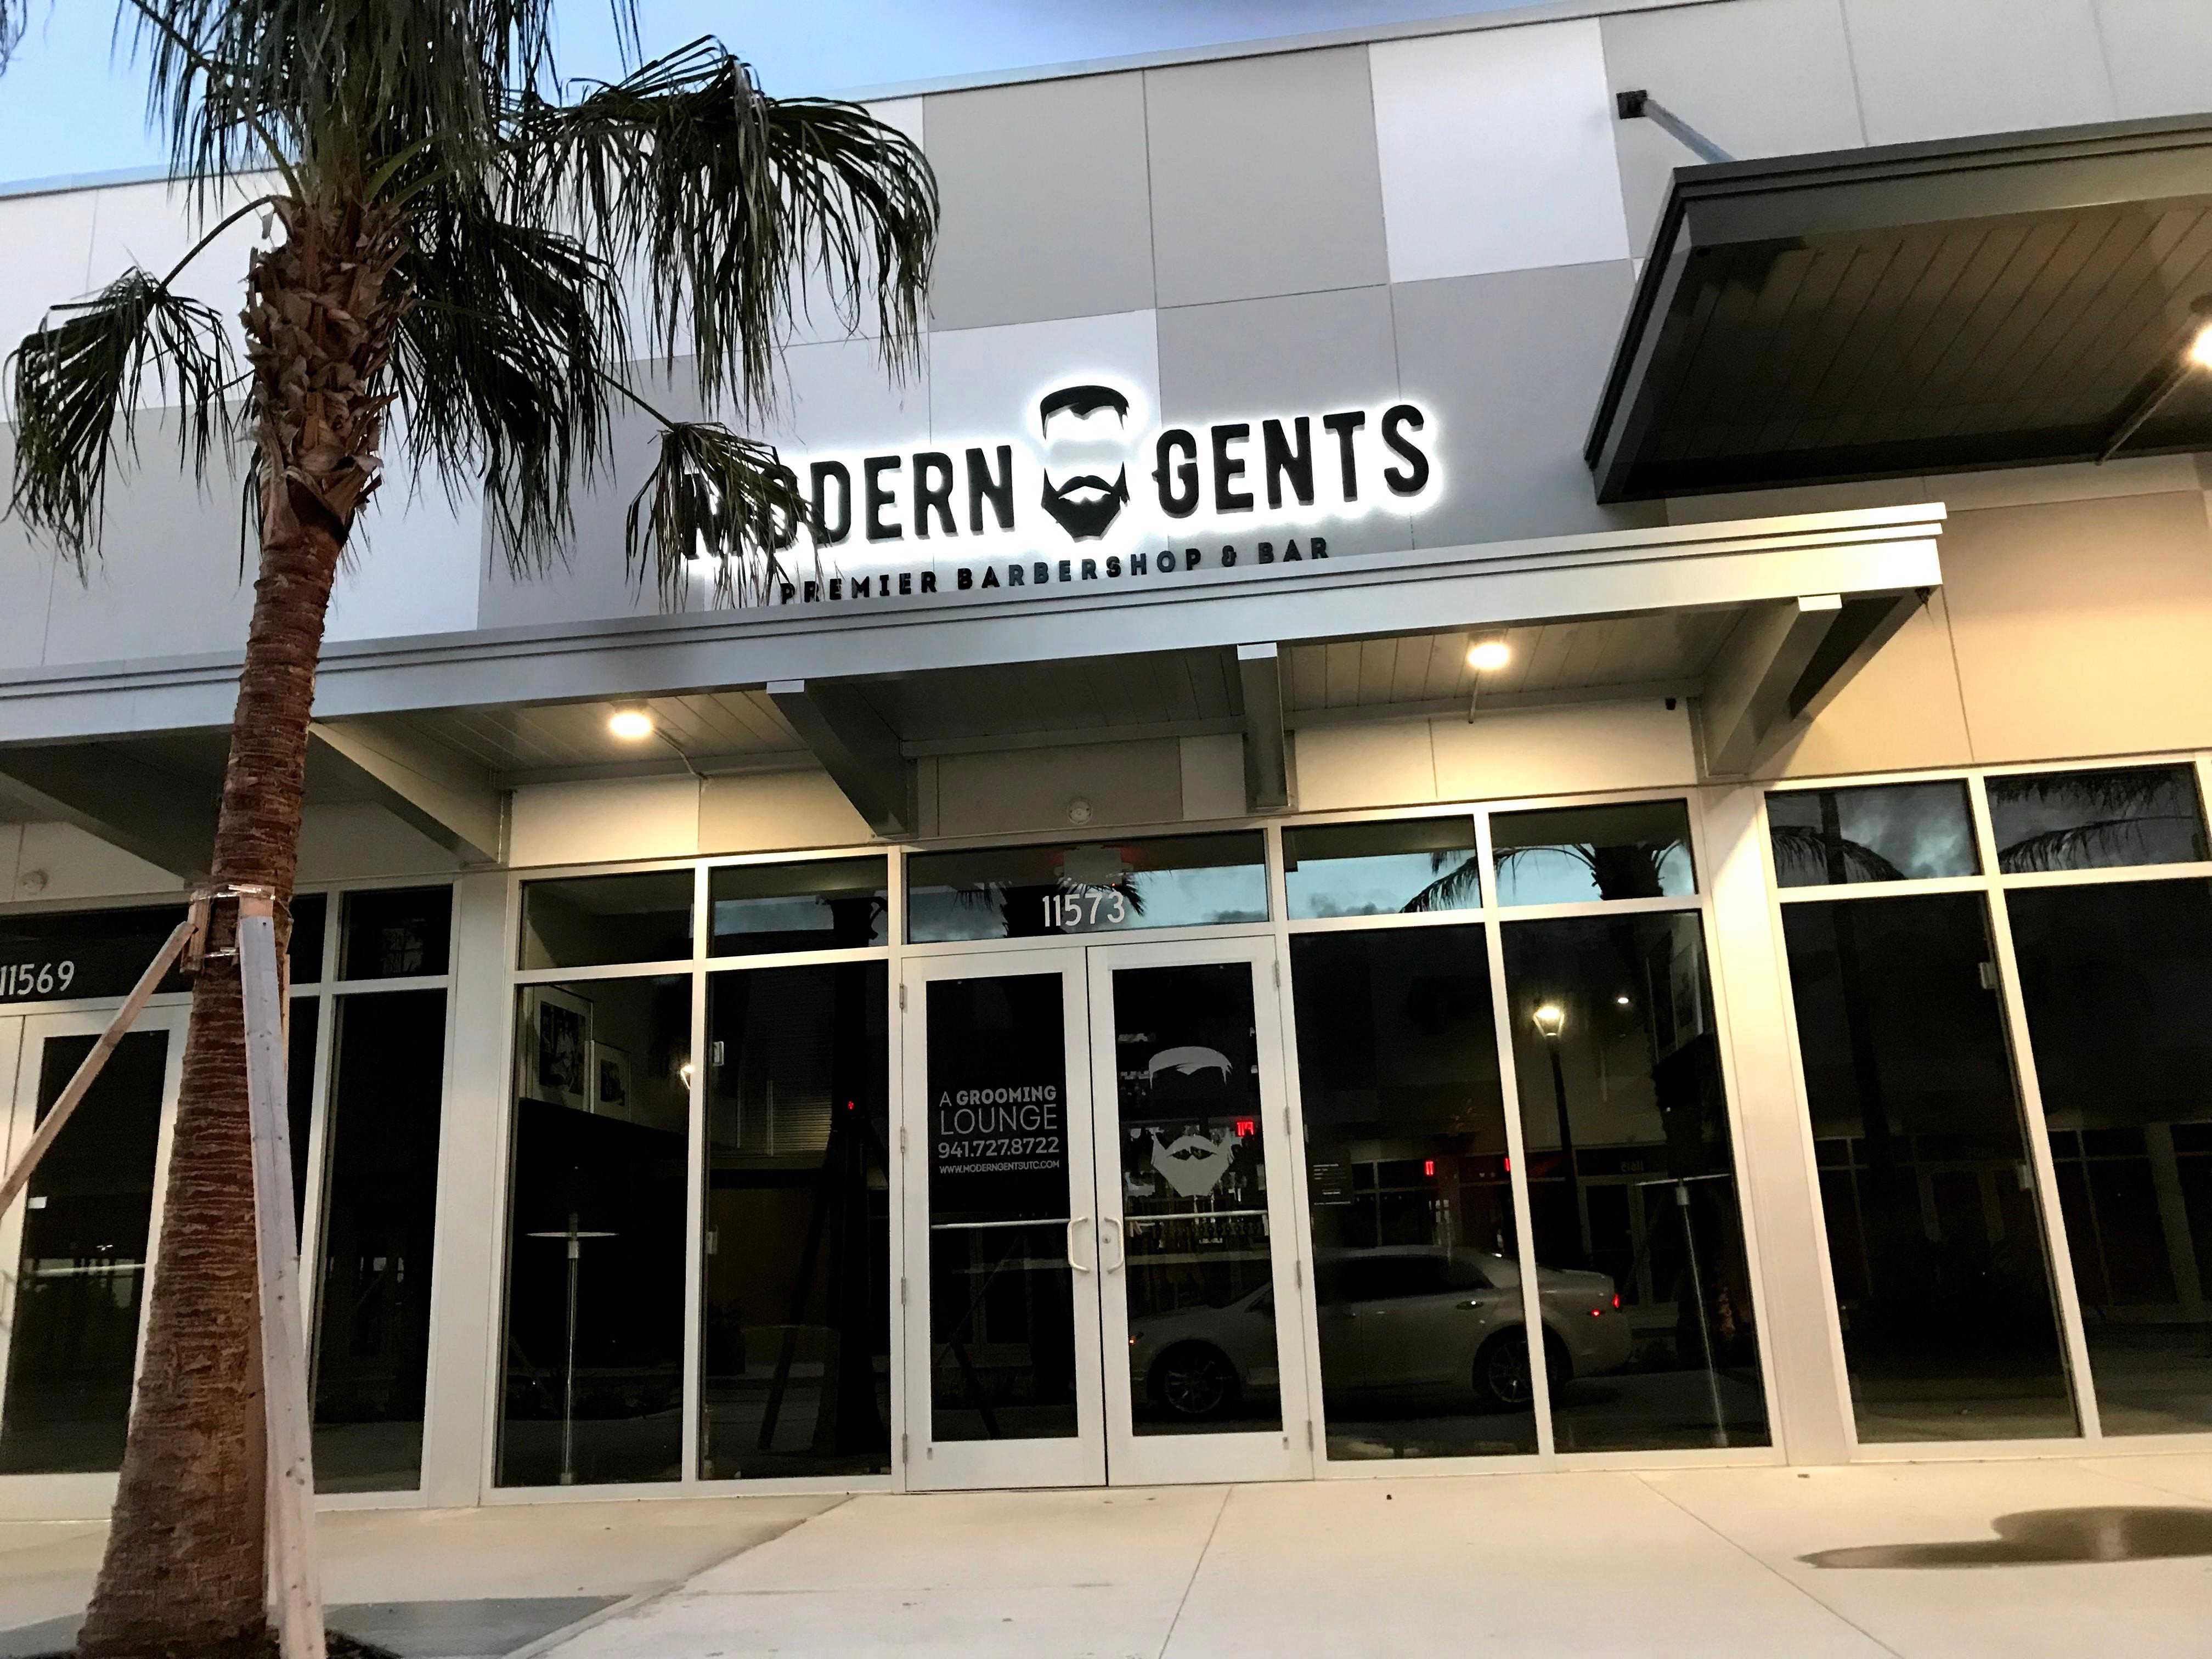 Modern Gents Premier Barbershop & Bar image 0